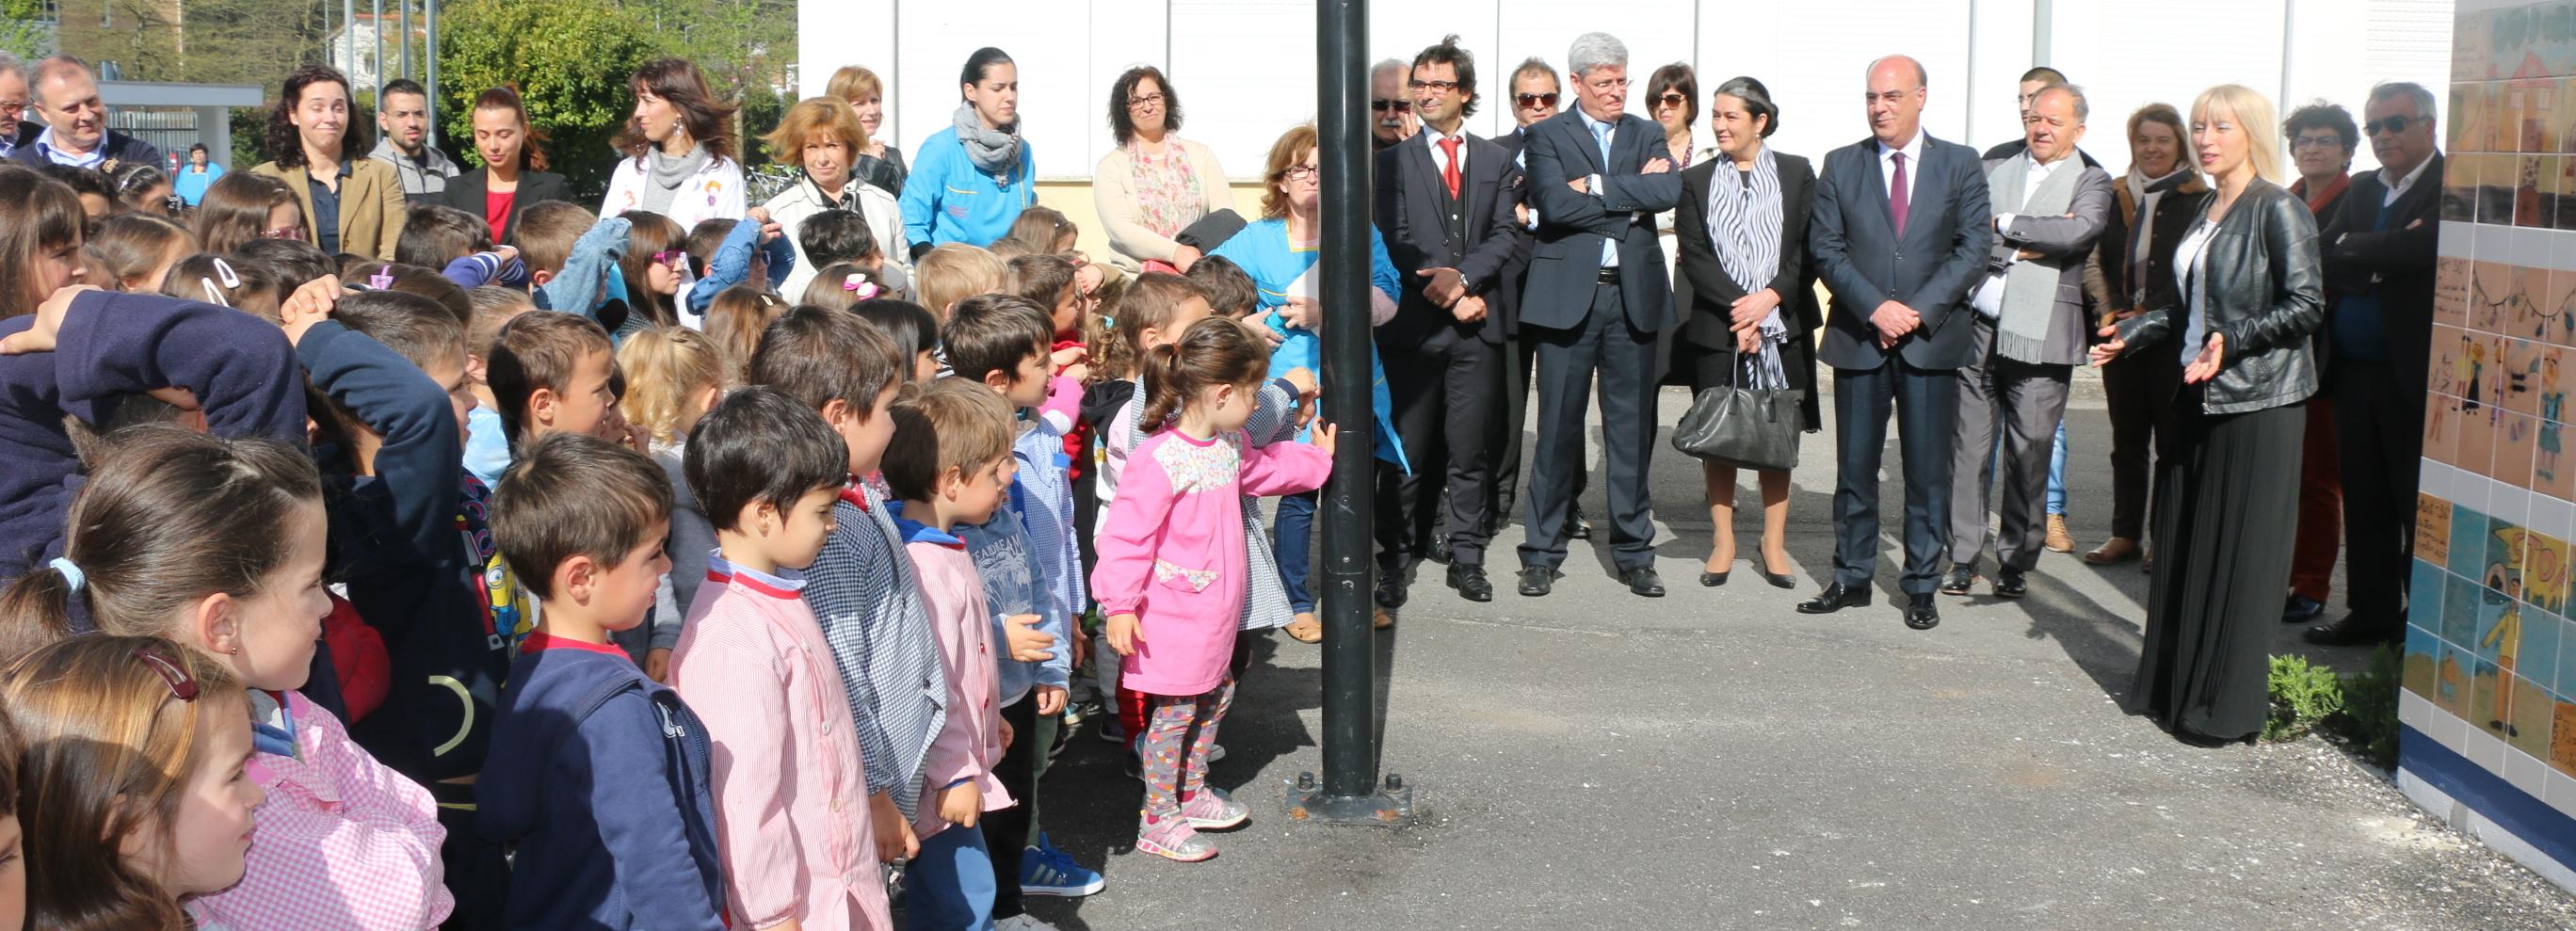 Presidente da Câmara inaugura bibliotecas escolares